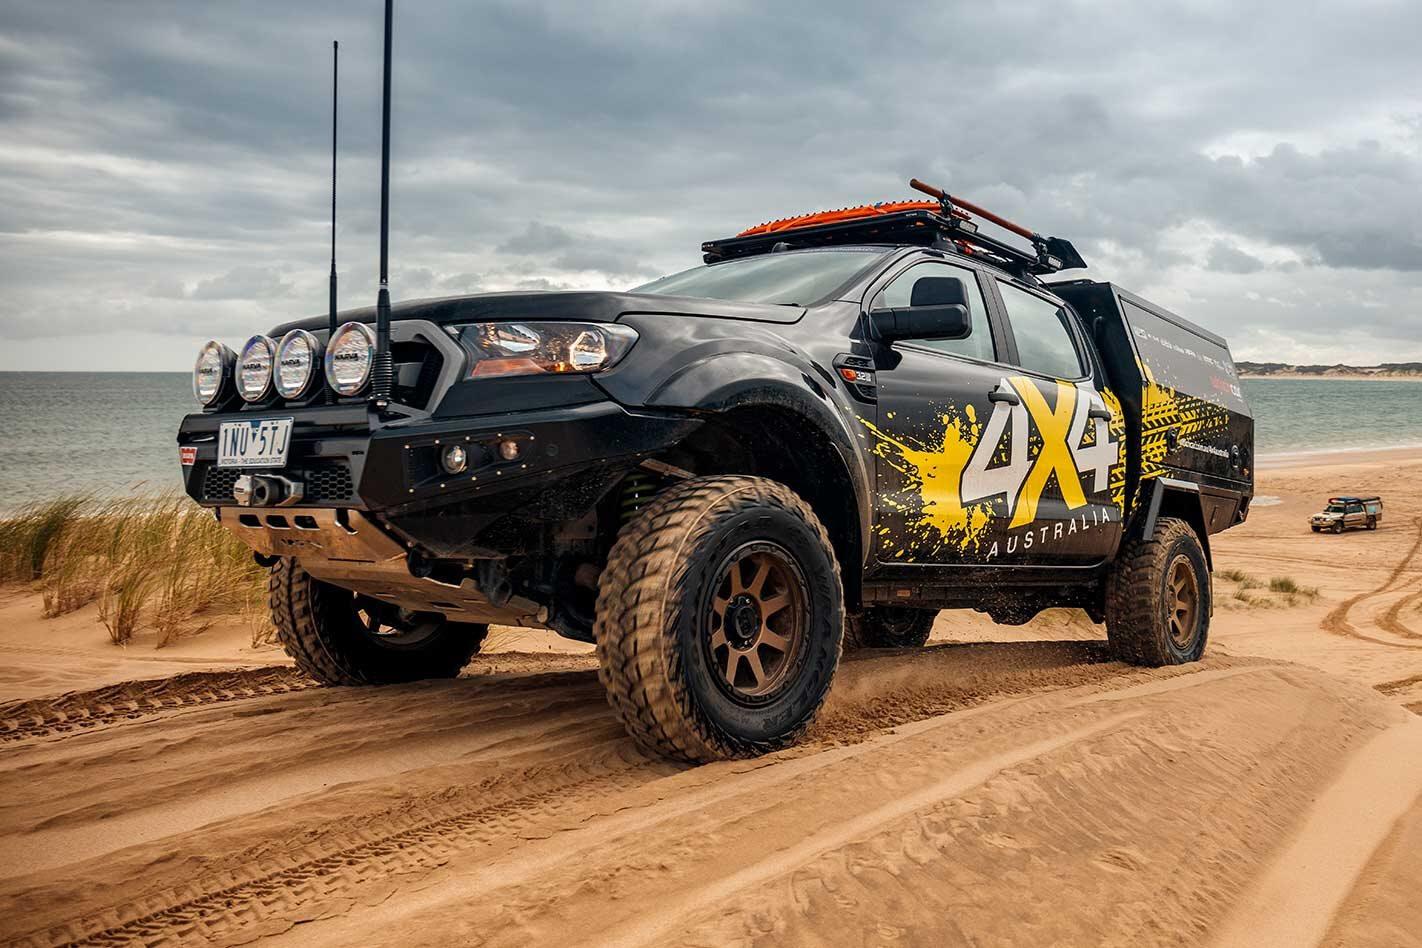 Custom Ford Ranger 4x4 touring build guide